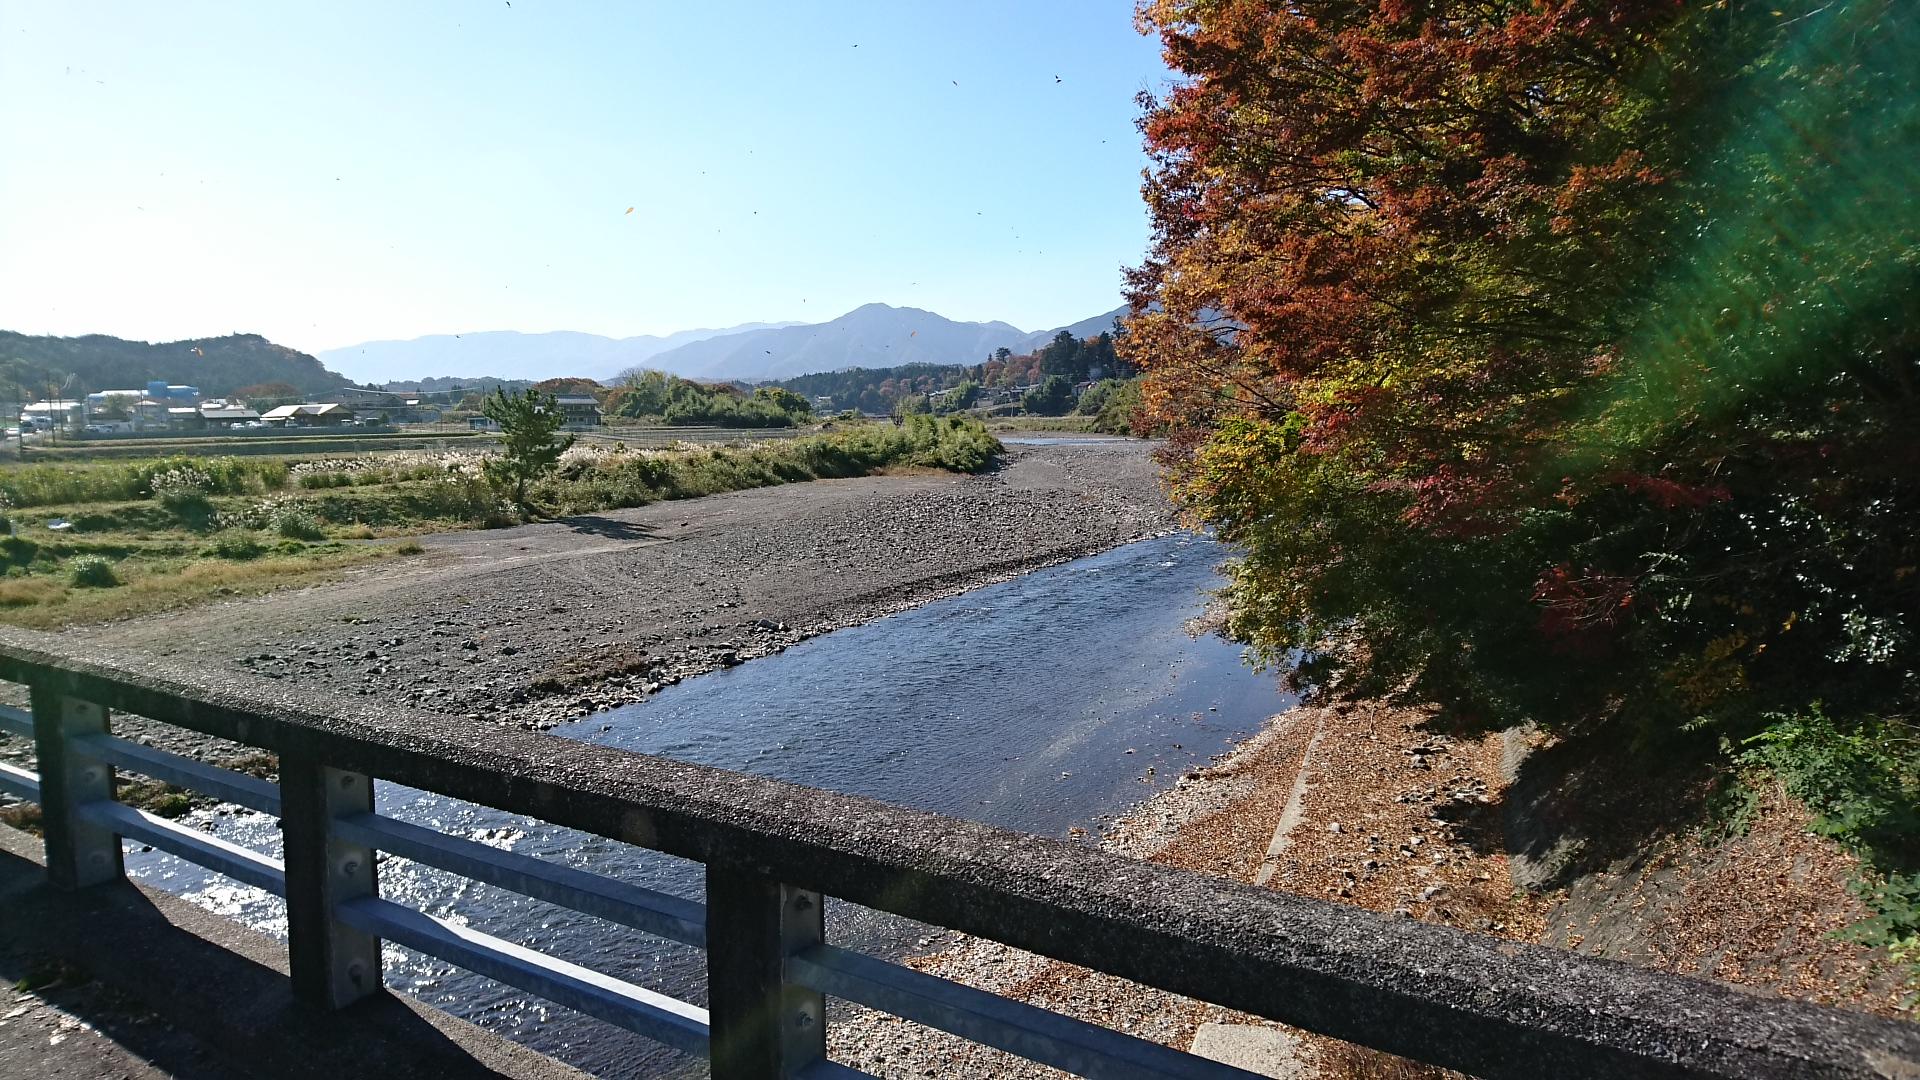 2016.11.16 上石津 (10) 下多良 - 牧田川